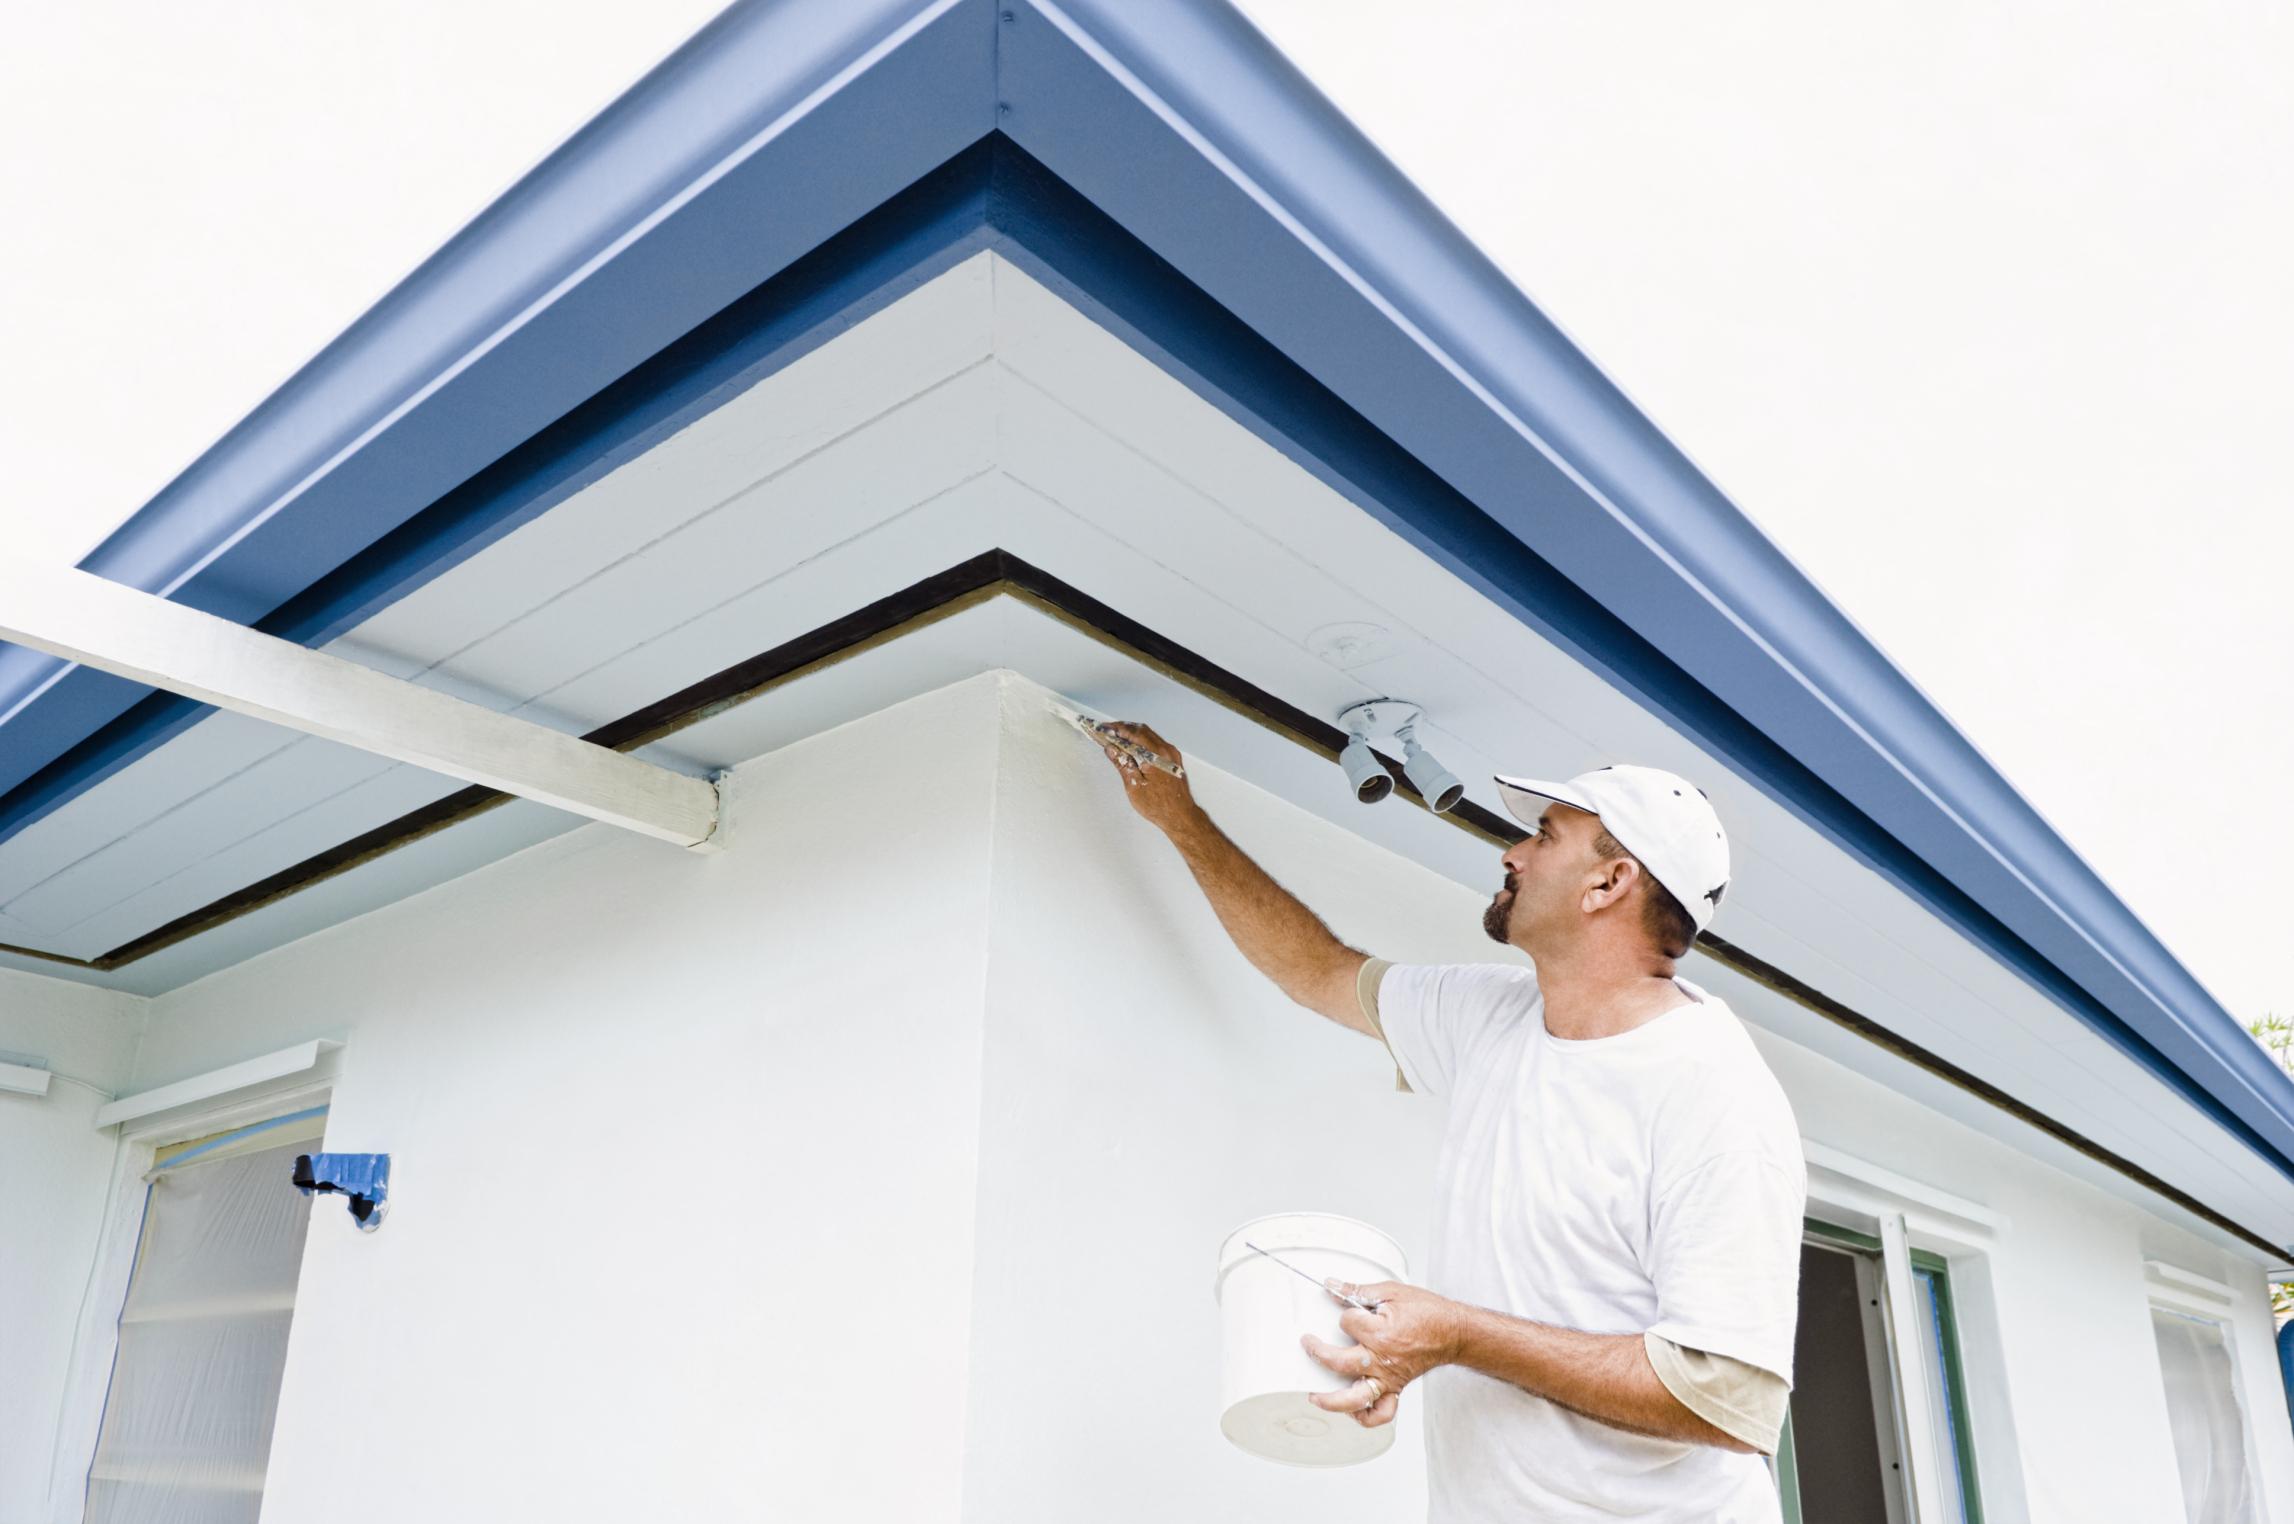 Df5411 esquemas de color casa exteriores con persianas negras - Ideas De Combinaci N De Colores Para El Exterior De La Casa Ehow En Espa Ol